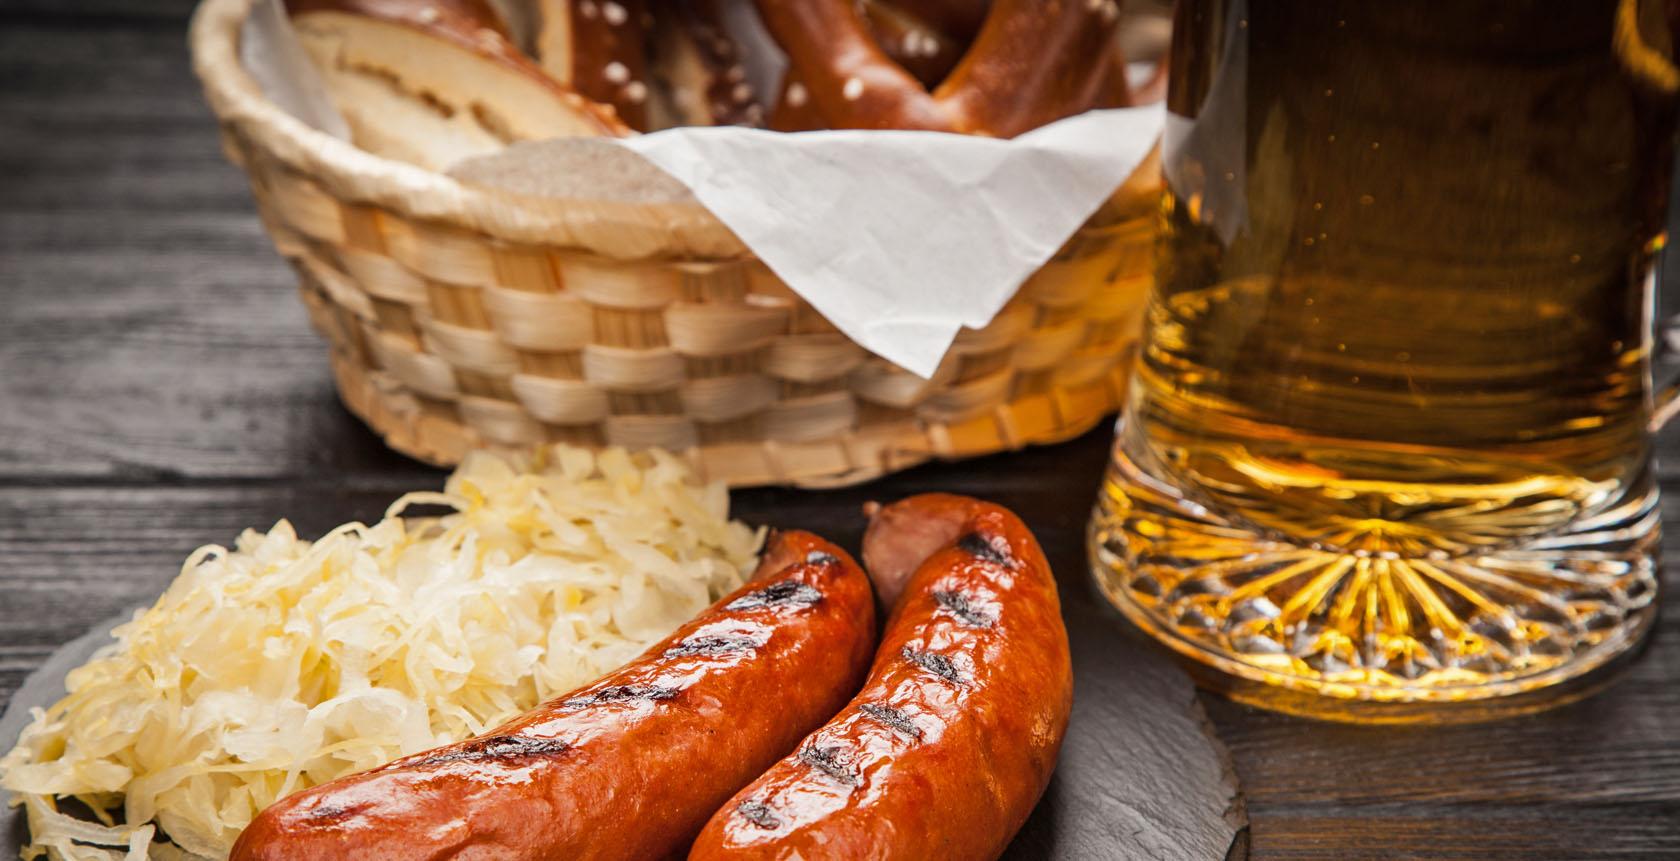 Munique - Beerhalls - pretzel cerveja alema - dicas de viagem no blog Vontade de Viajar